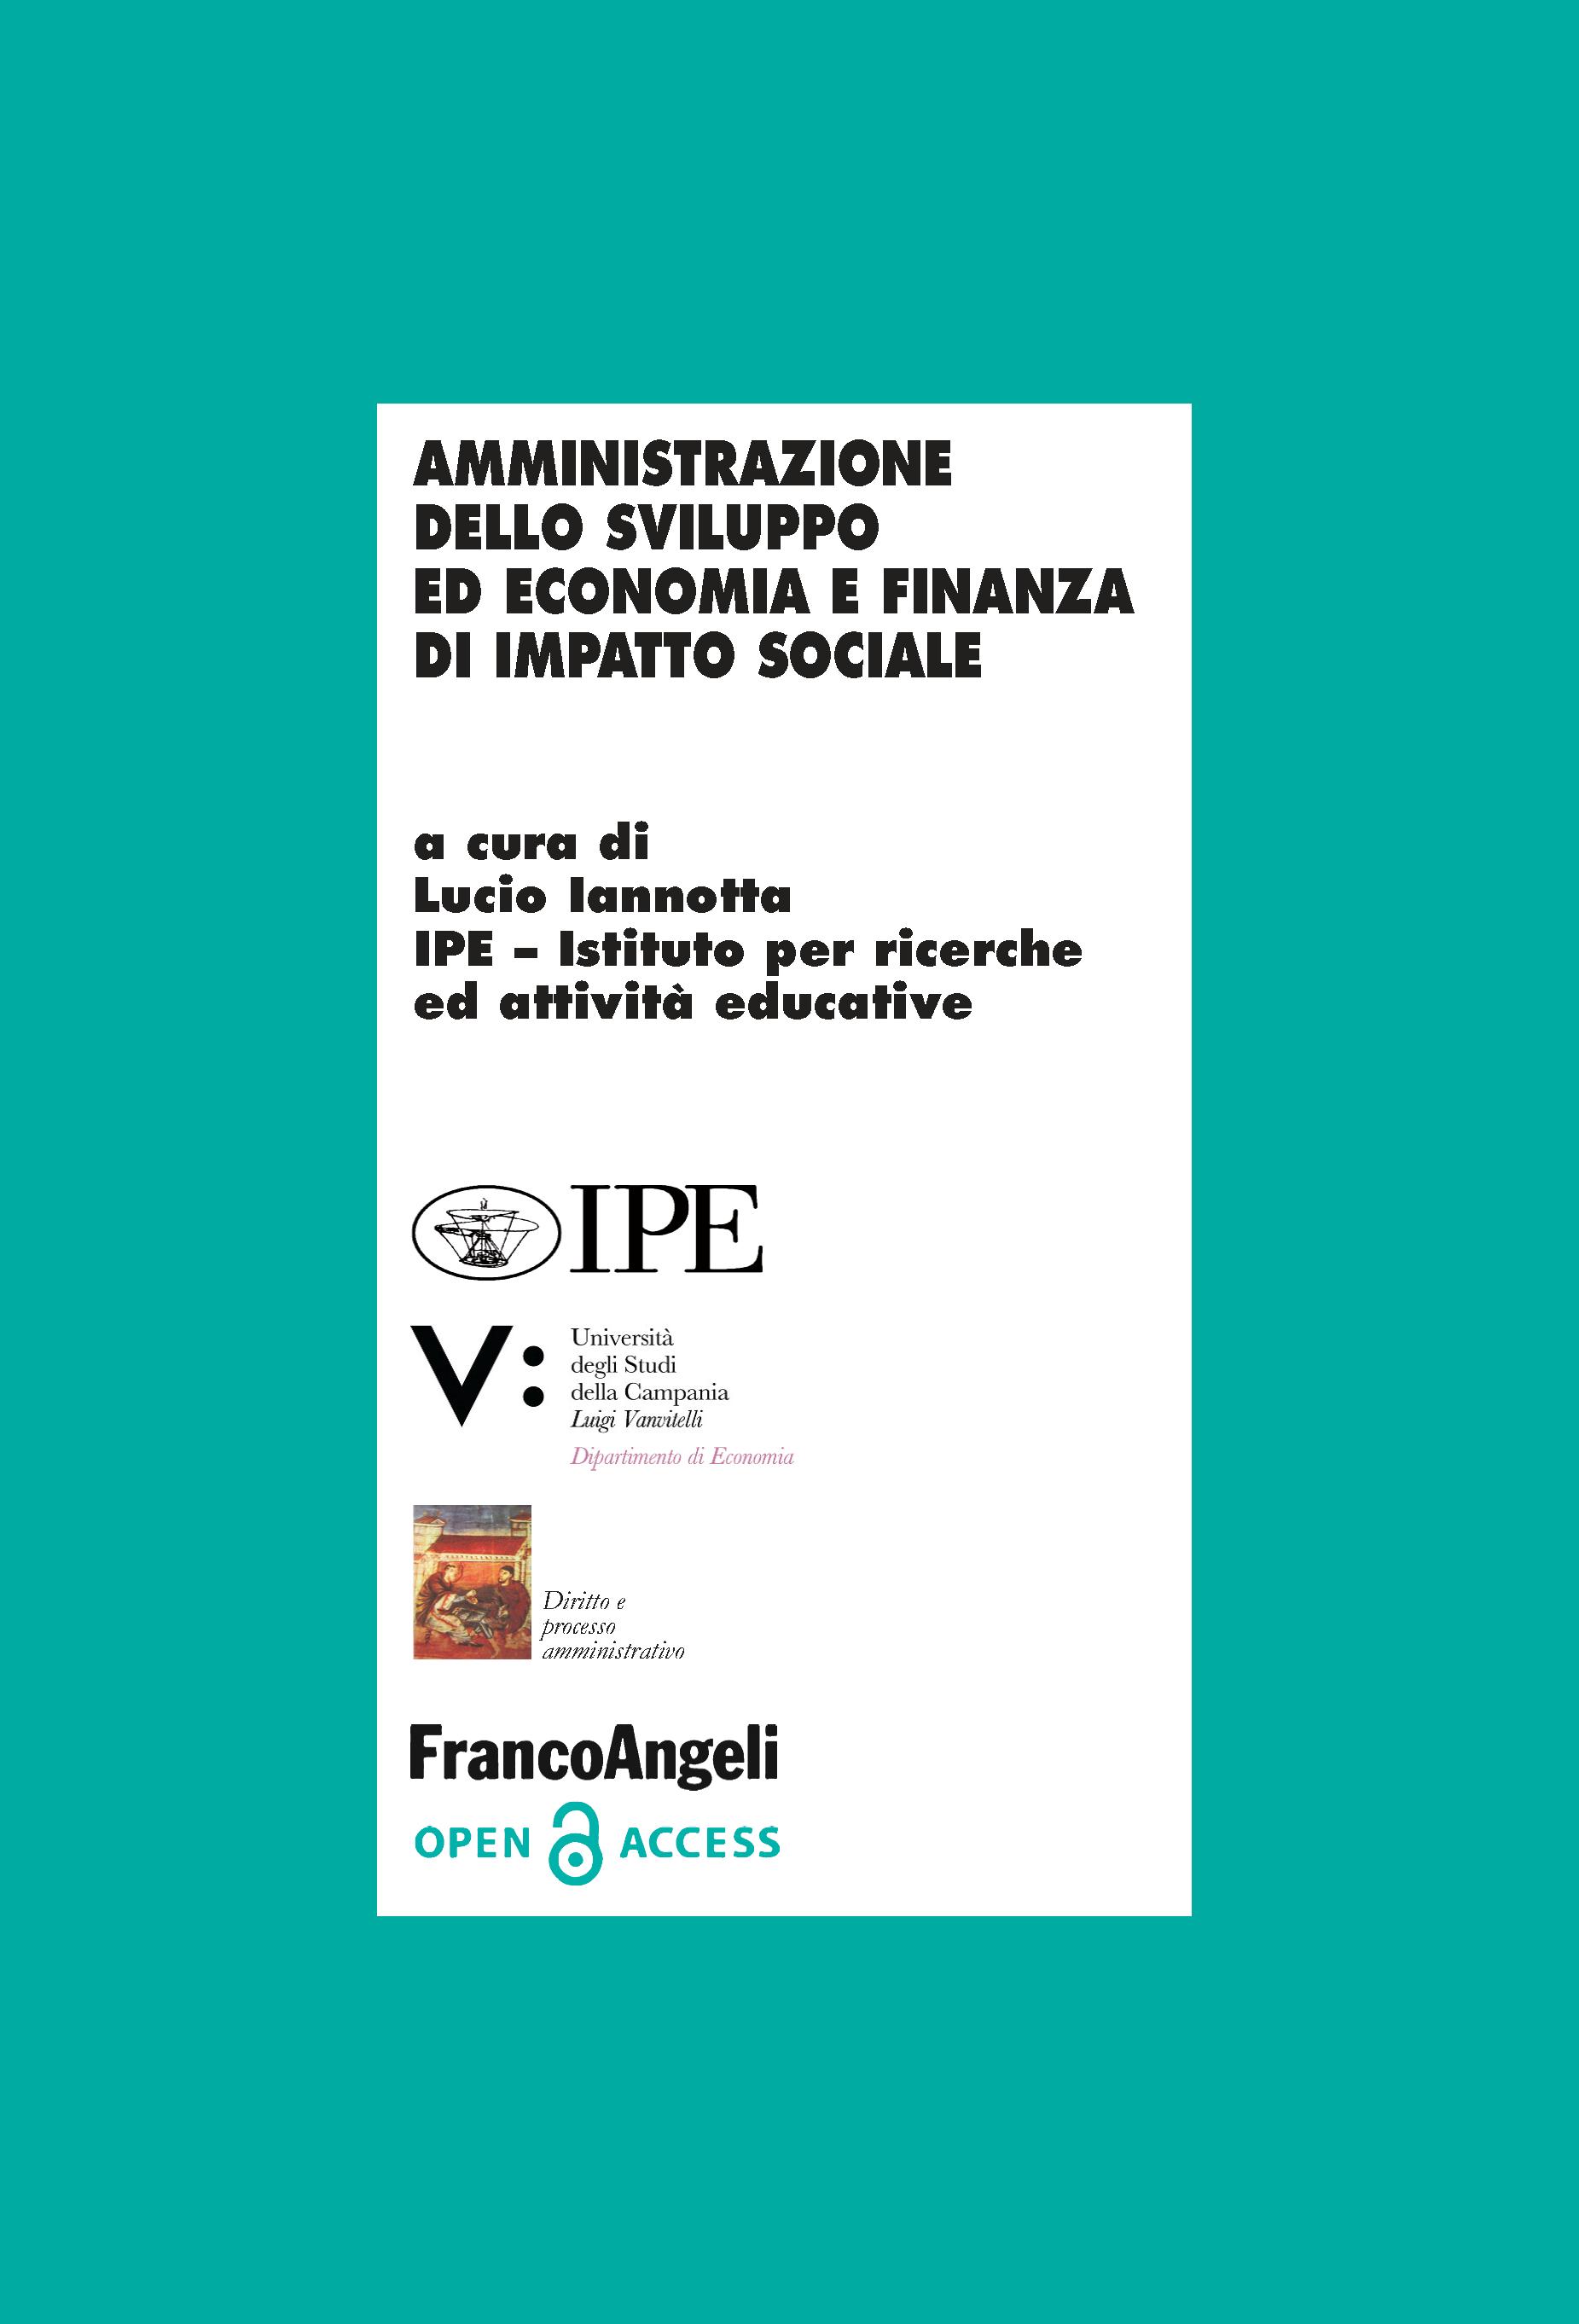 Amministrazione dello sviluppo ed economia e finanza di impatto sociale